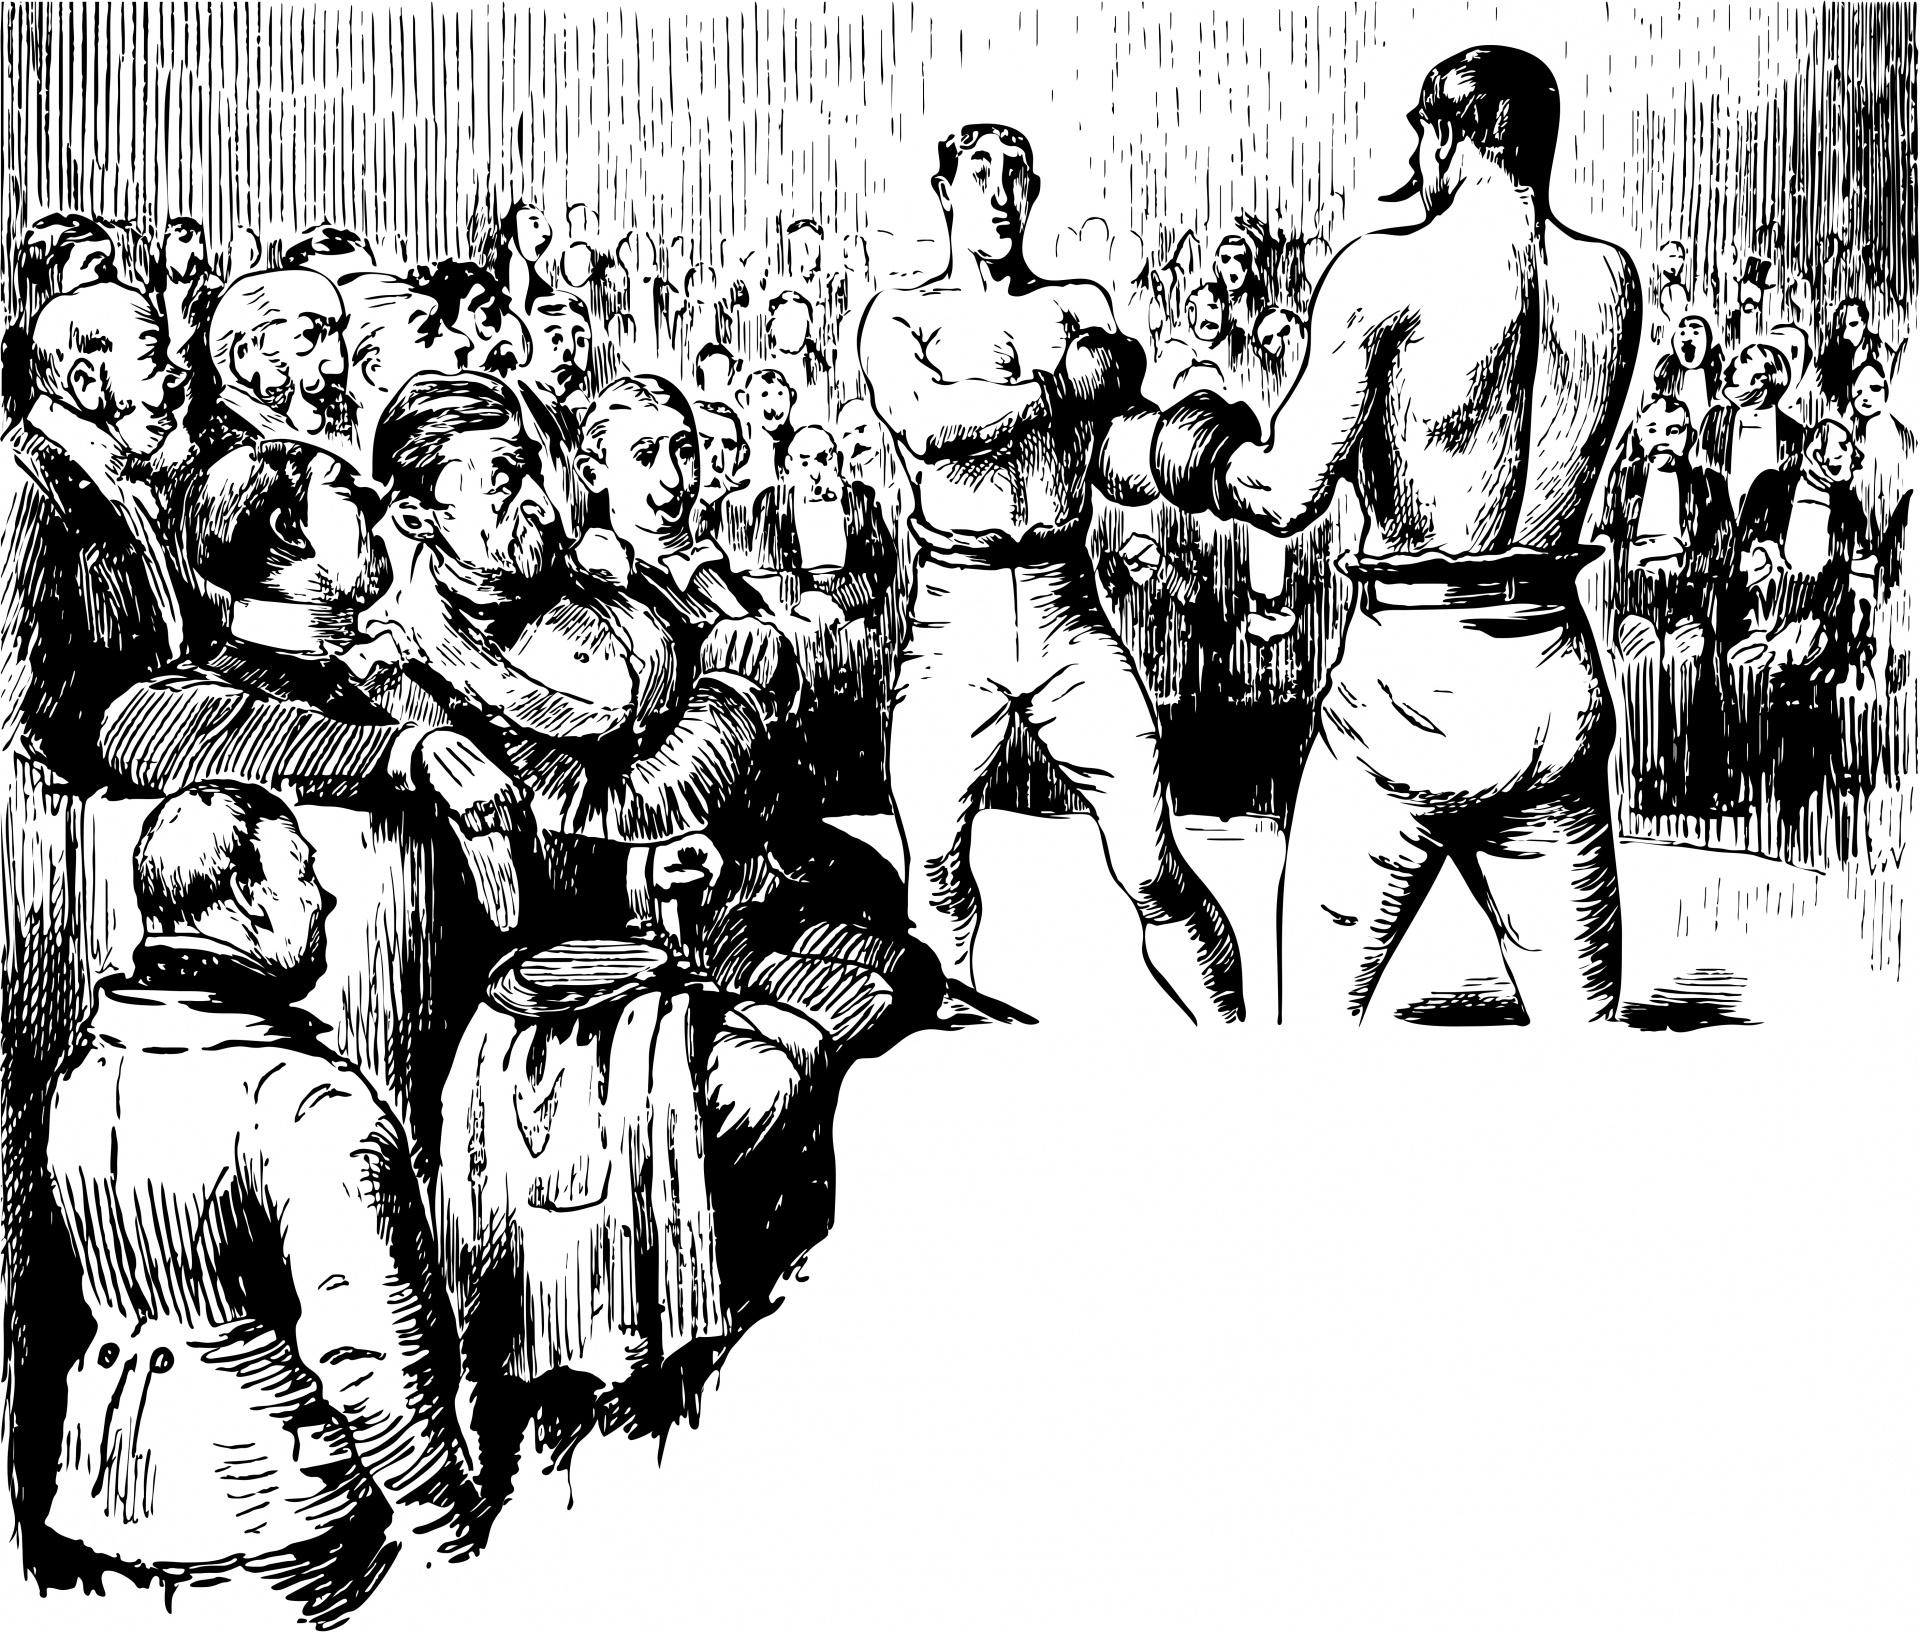 Beinarbeit im Kampfsport